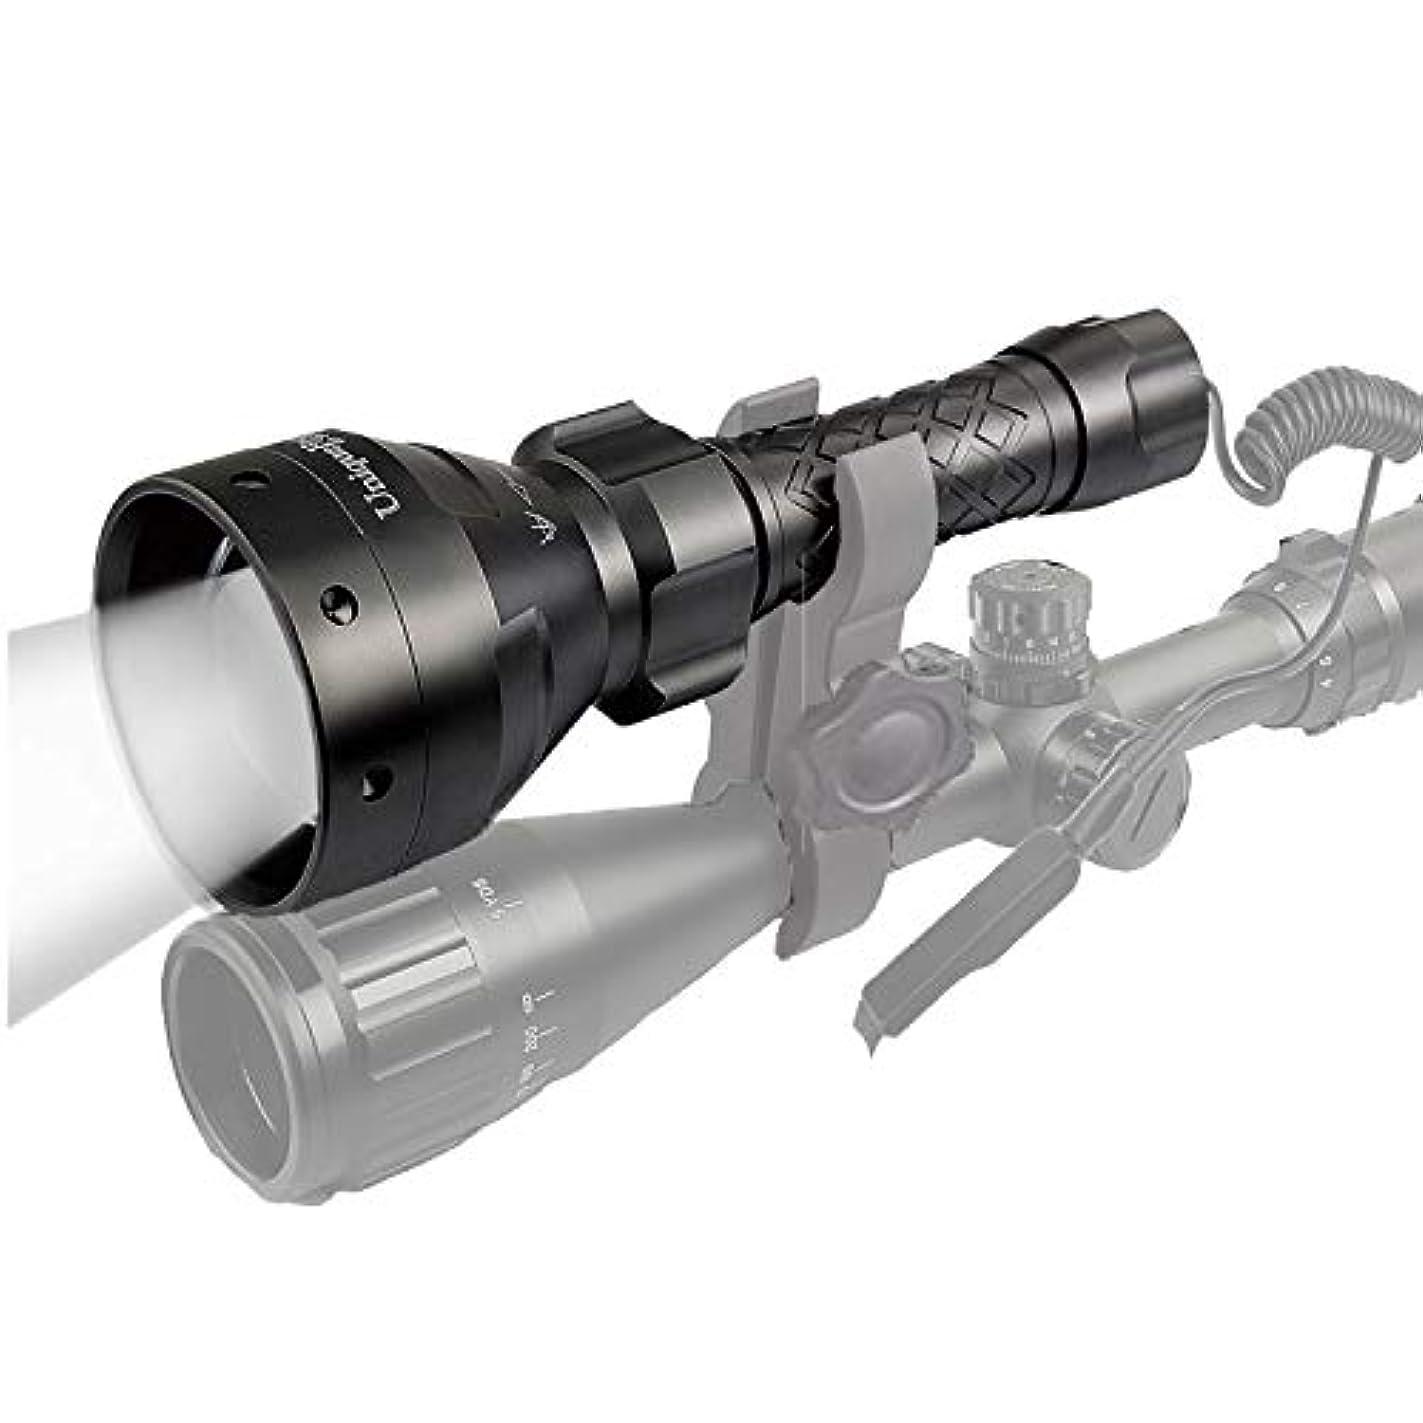 コンセンサス調整クラッシュUniquefire UF-1405 T67 850nm IR Led Night Vision Zoomable Flashlight 67mm Convex Lens Torch With With Memory Function For Hunting by UniqueFire